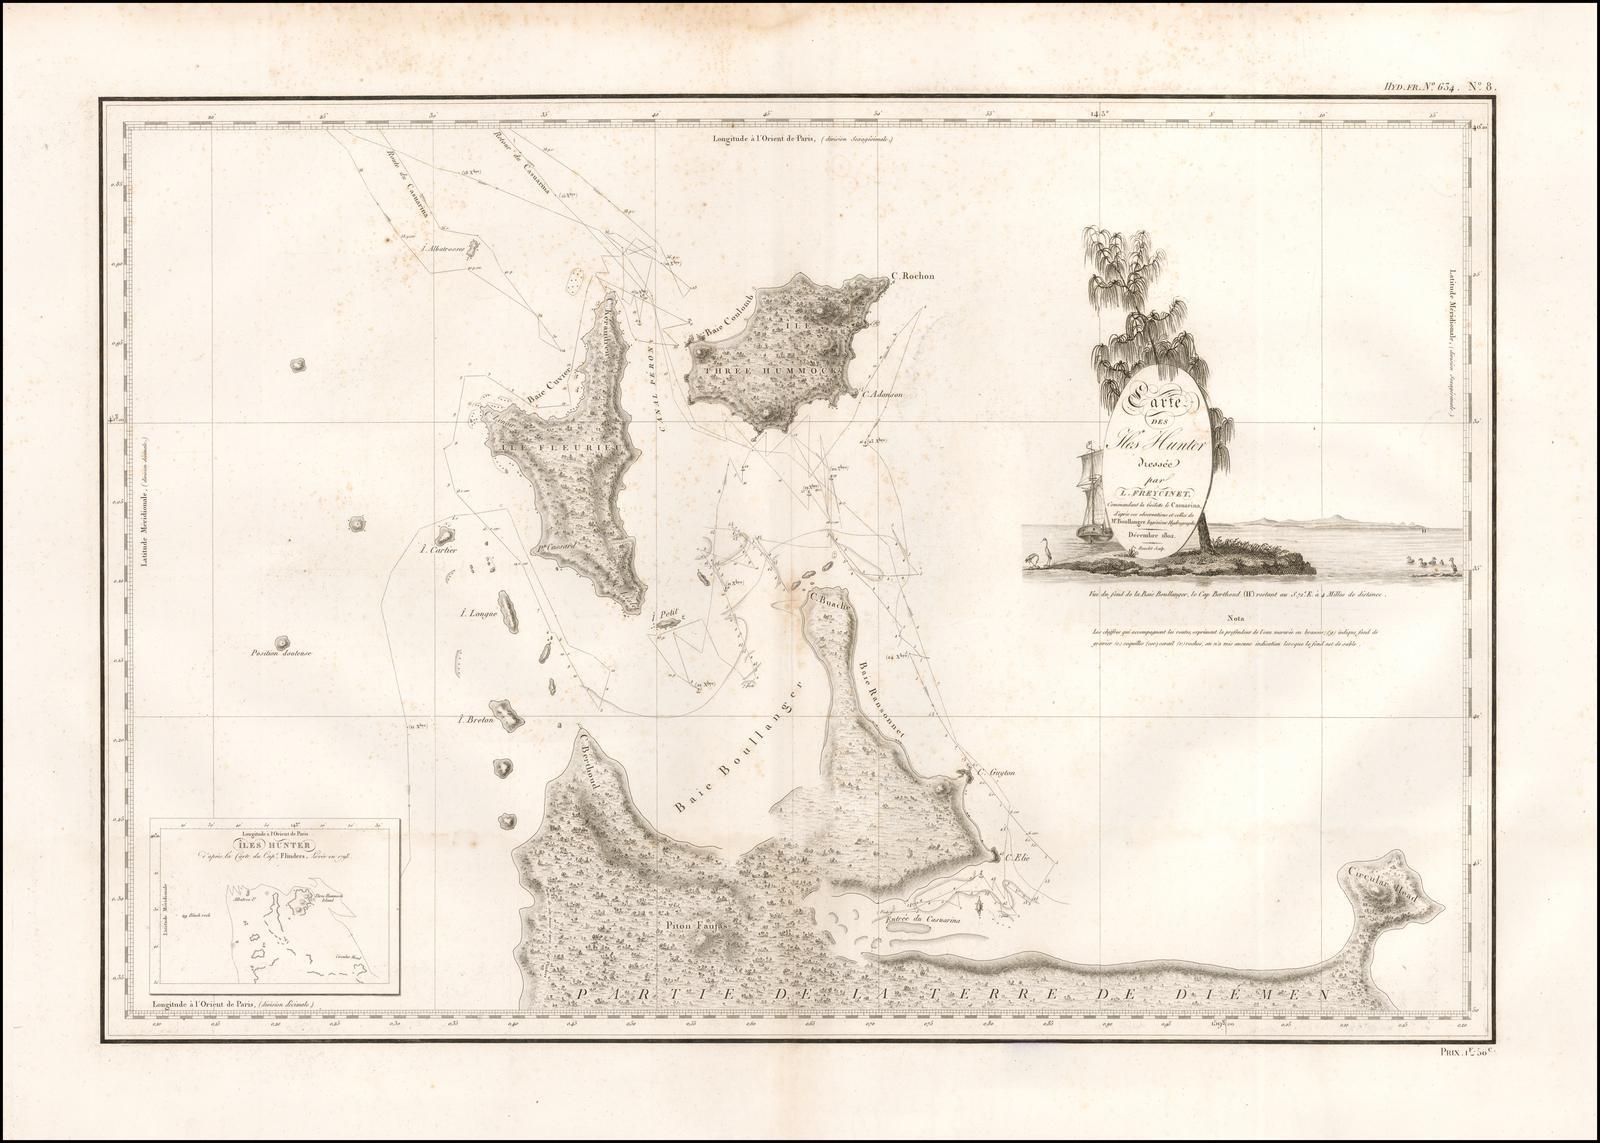 Редкая карта Фрейсине 1812 года с изображением Австралии и острова Хантер